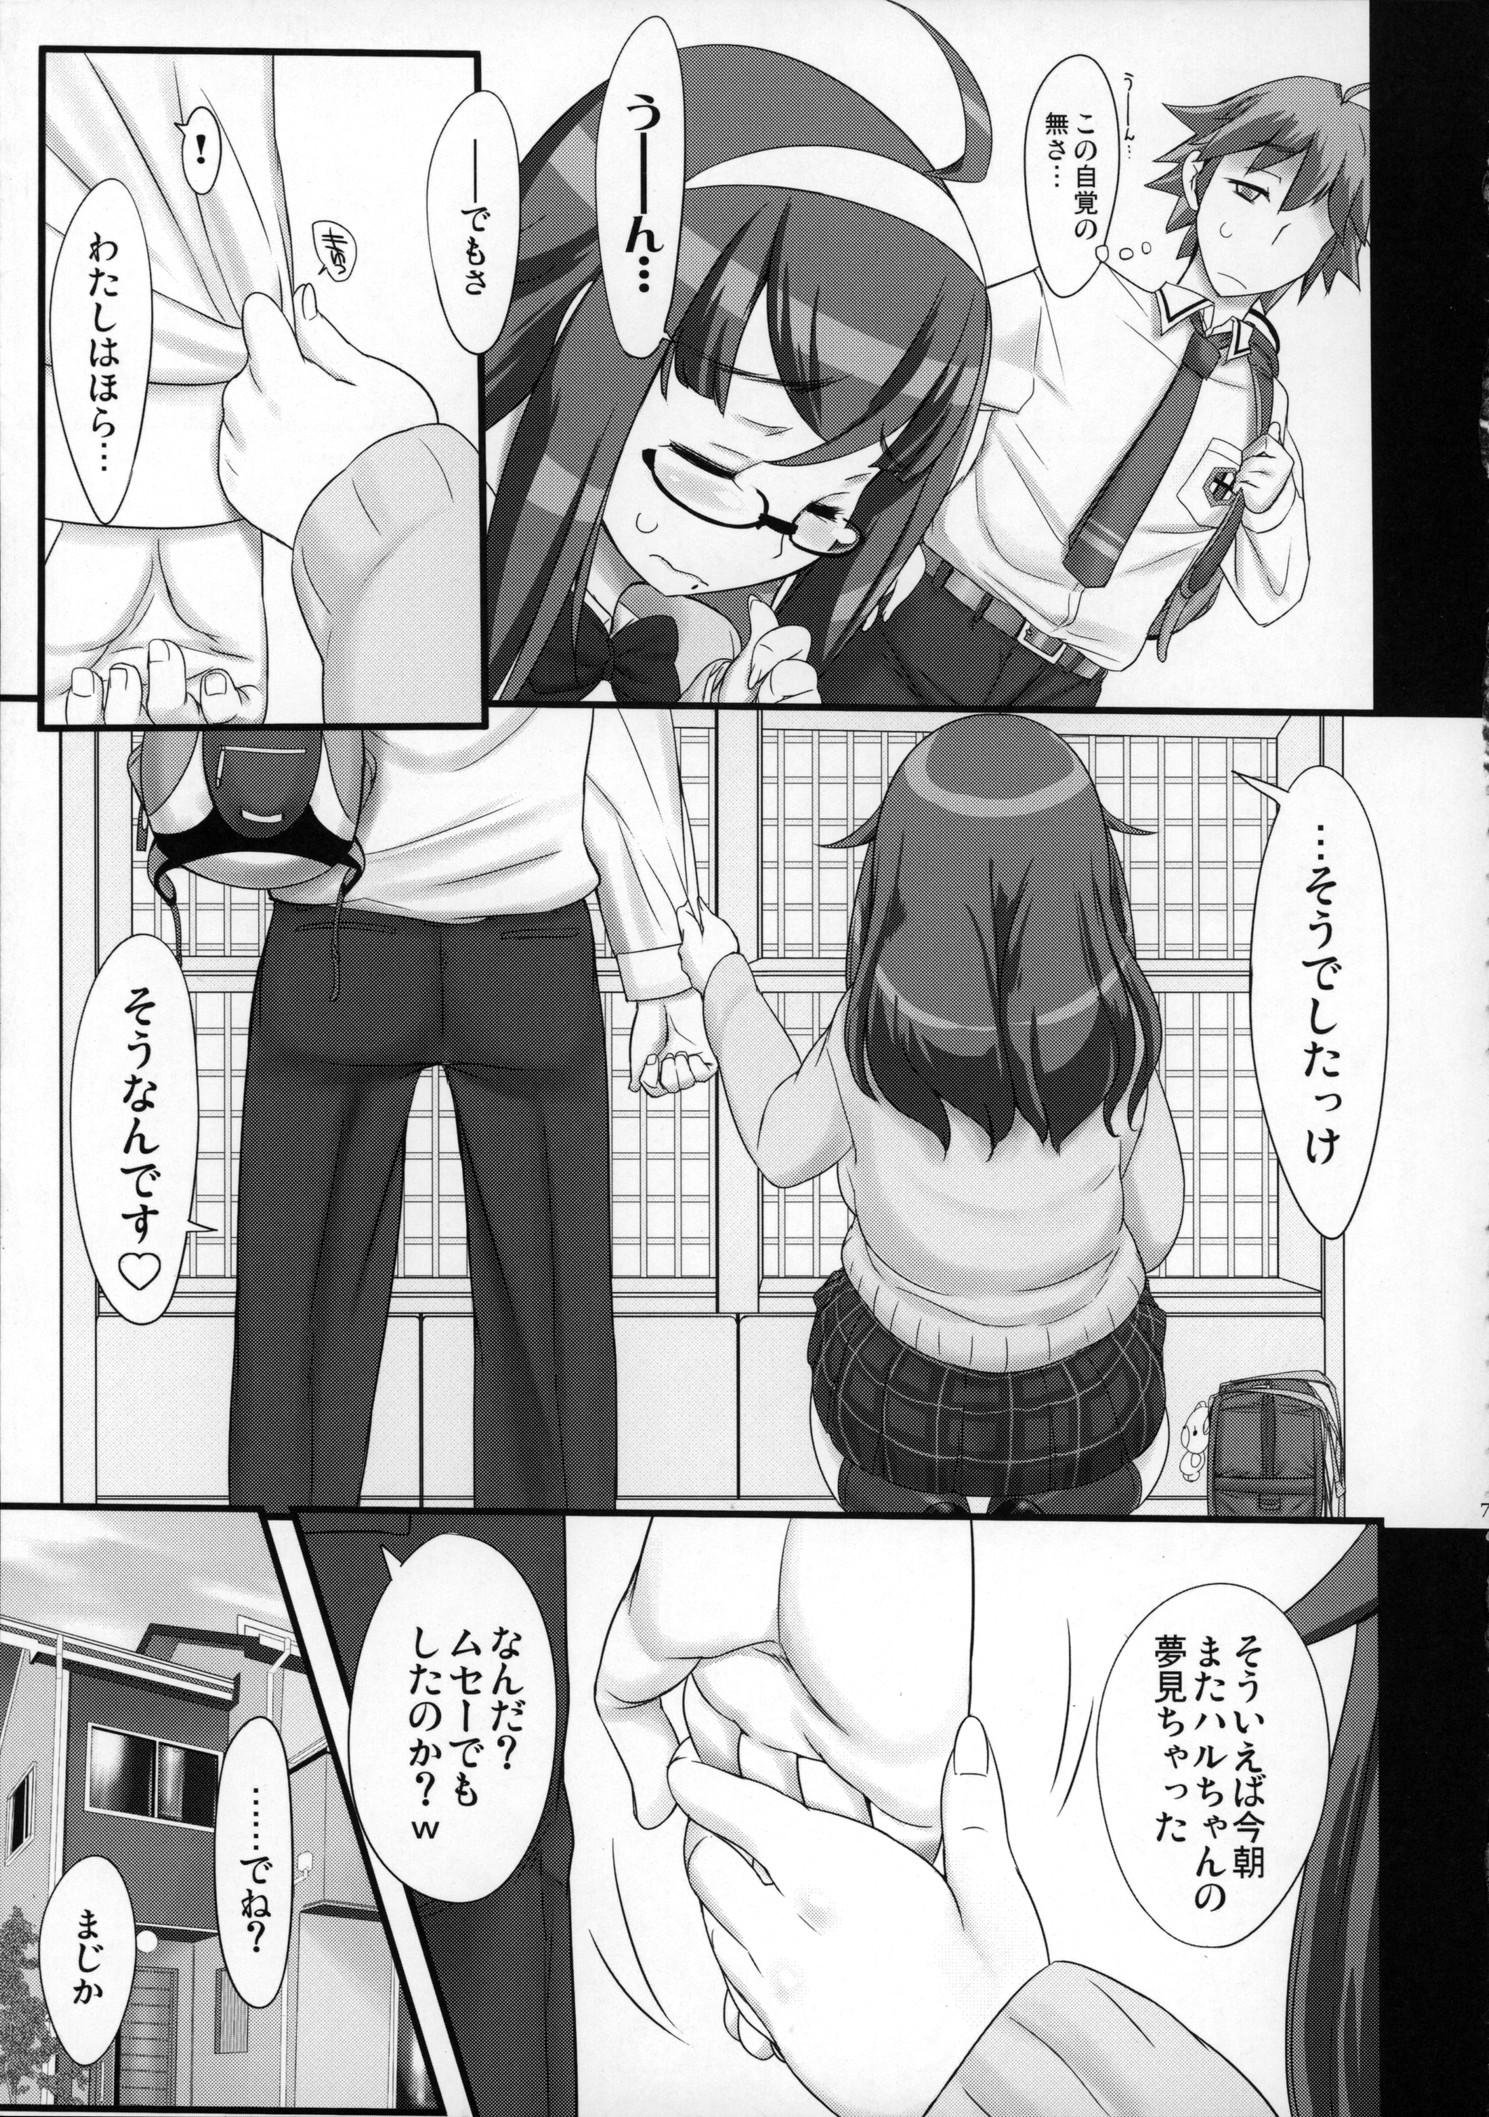 ふたなりの爆乳眼鏡っ子JKとイチャラブセックスwww【エロ漫画・エロ同人】 (6)